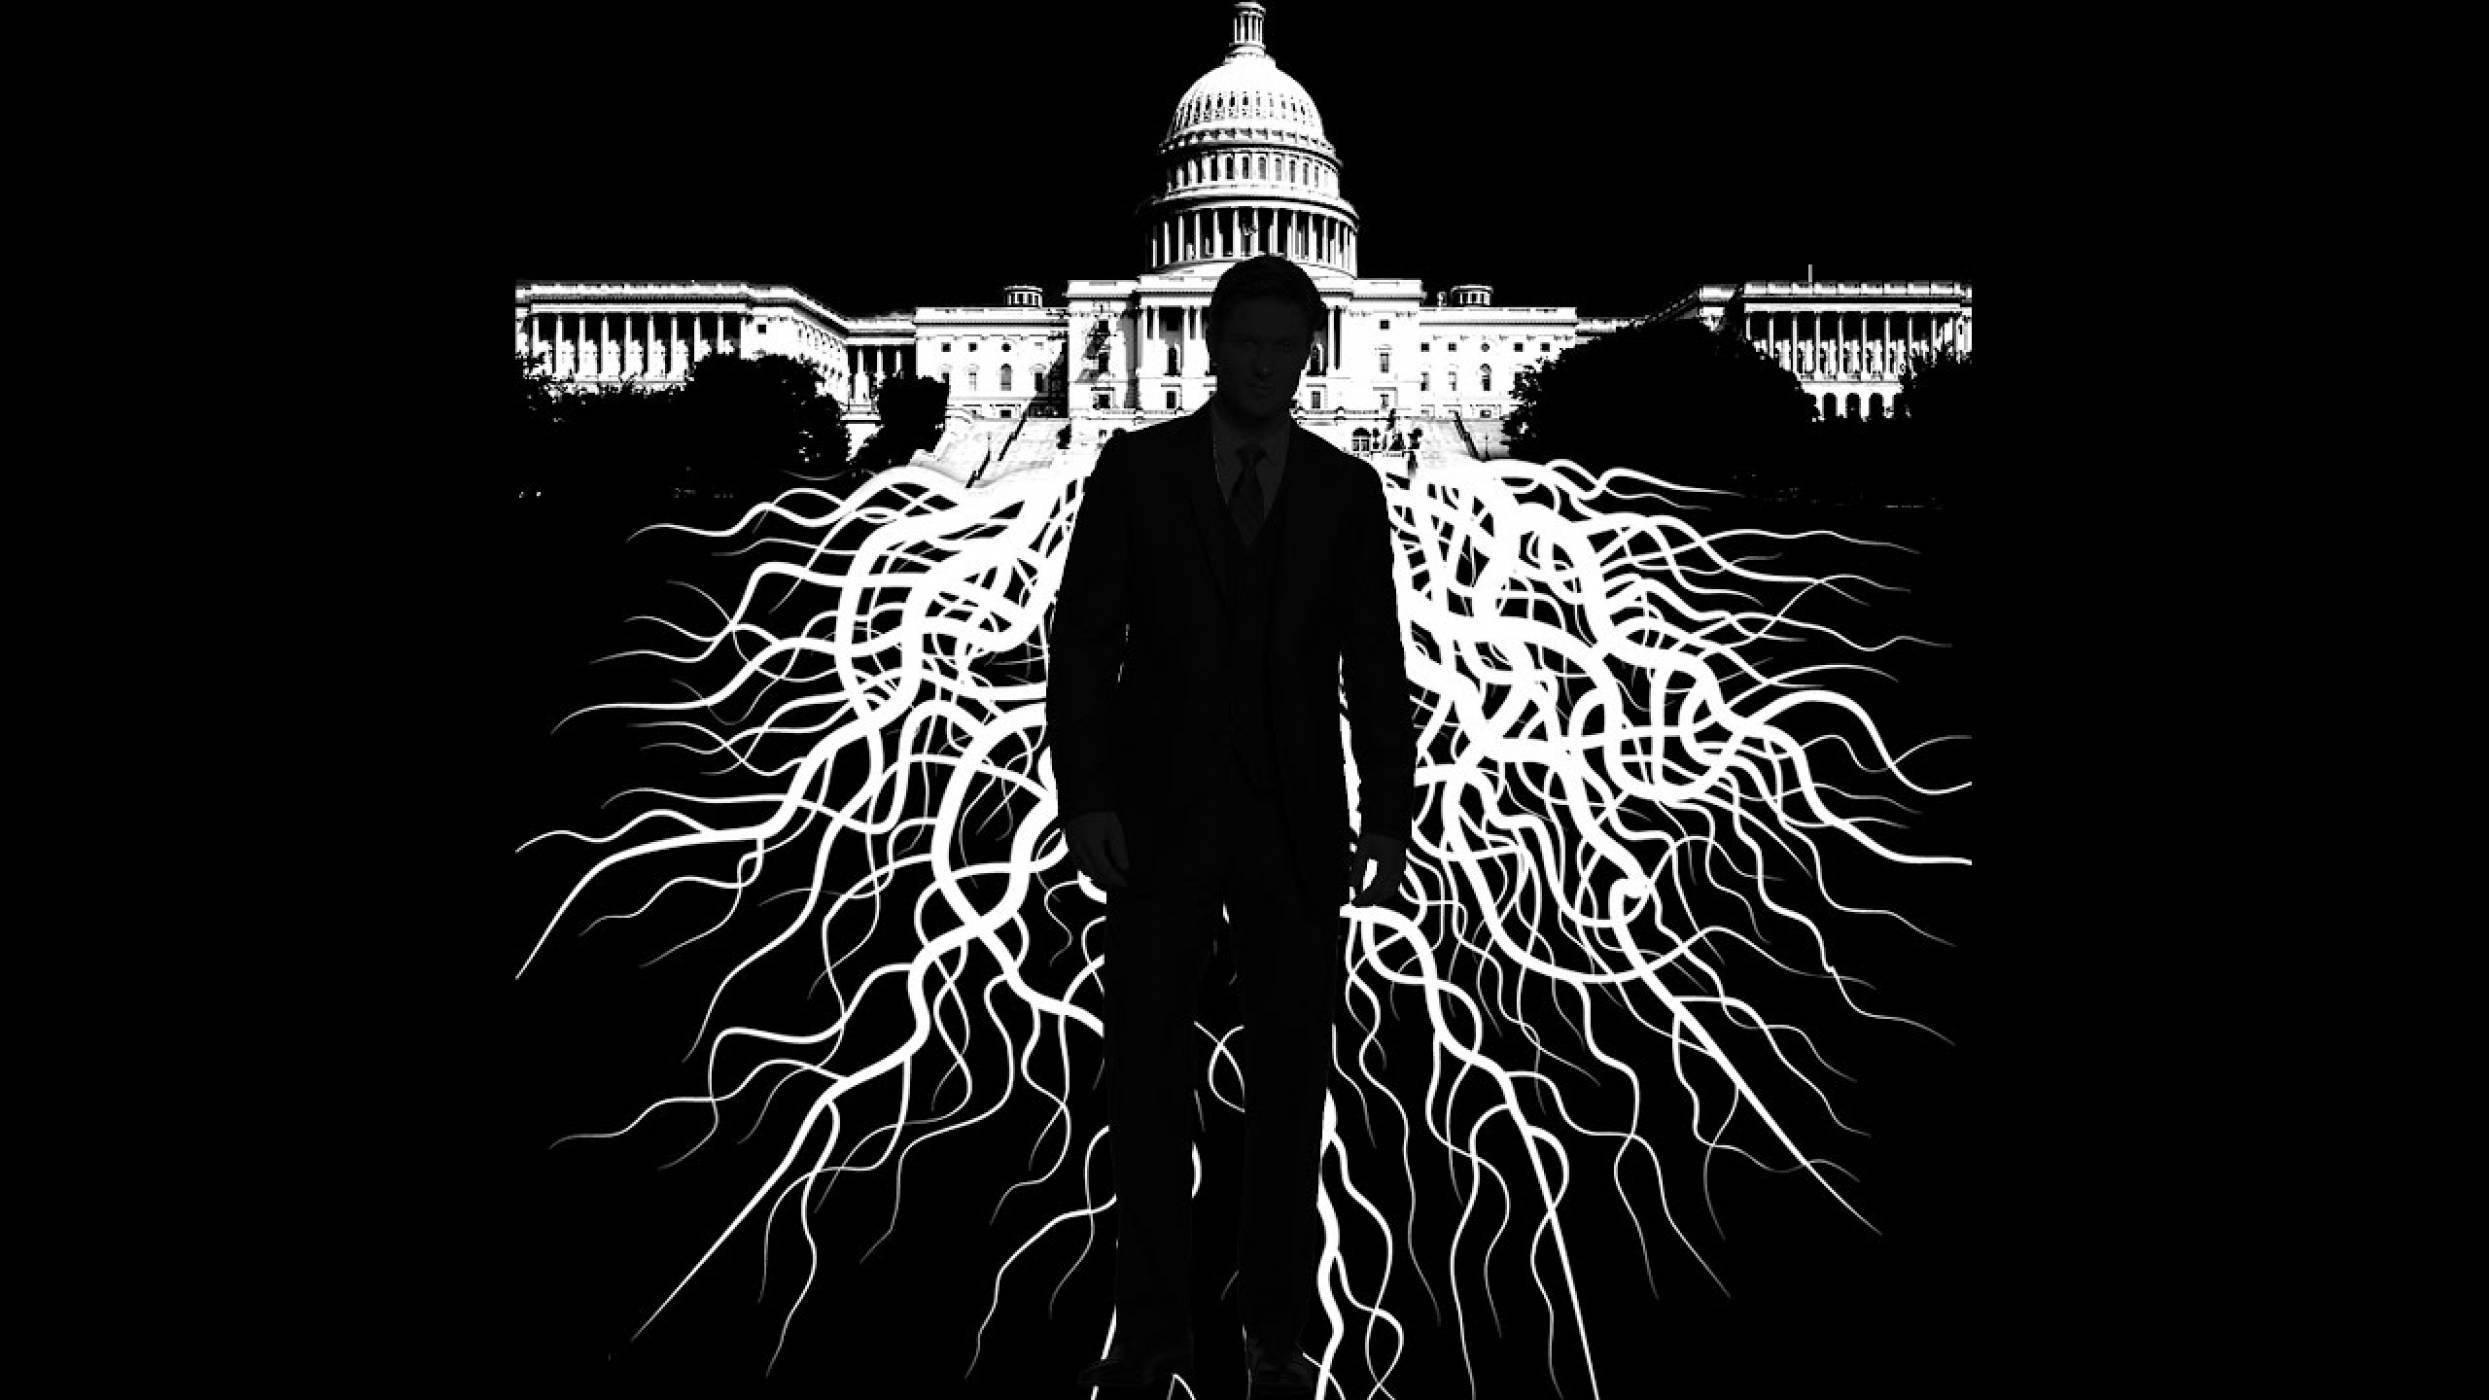 Скритото правителство: желязната сянка, която управлява САЩ